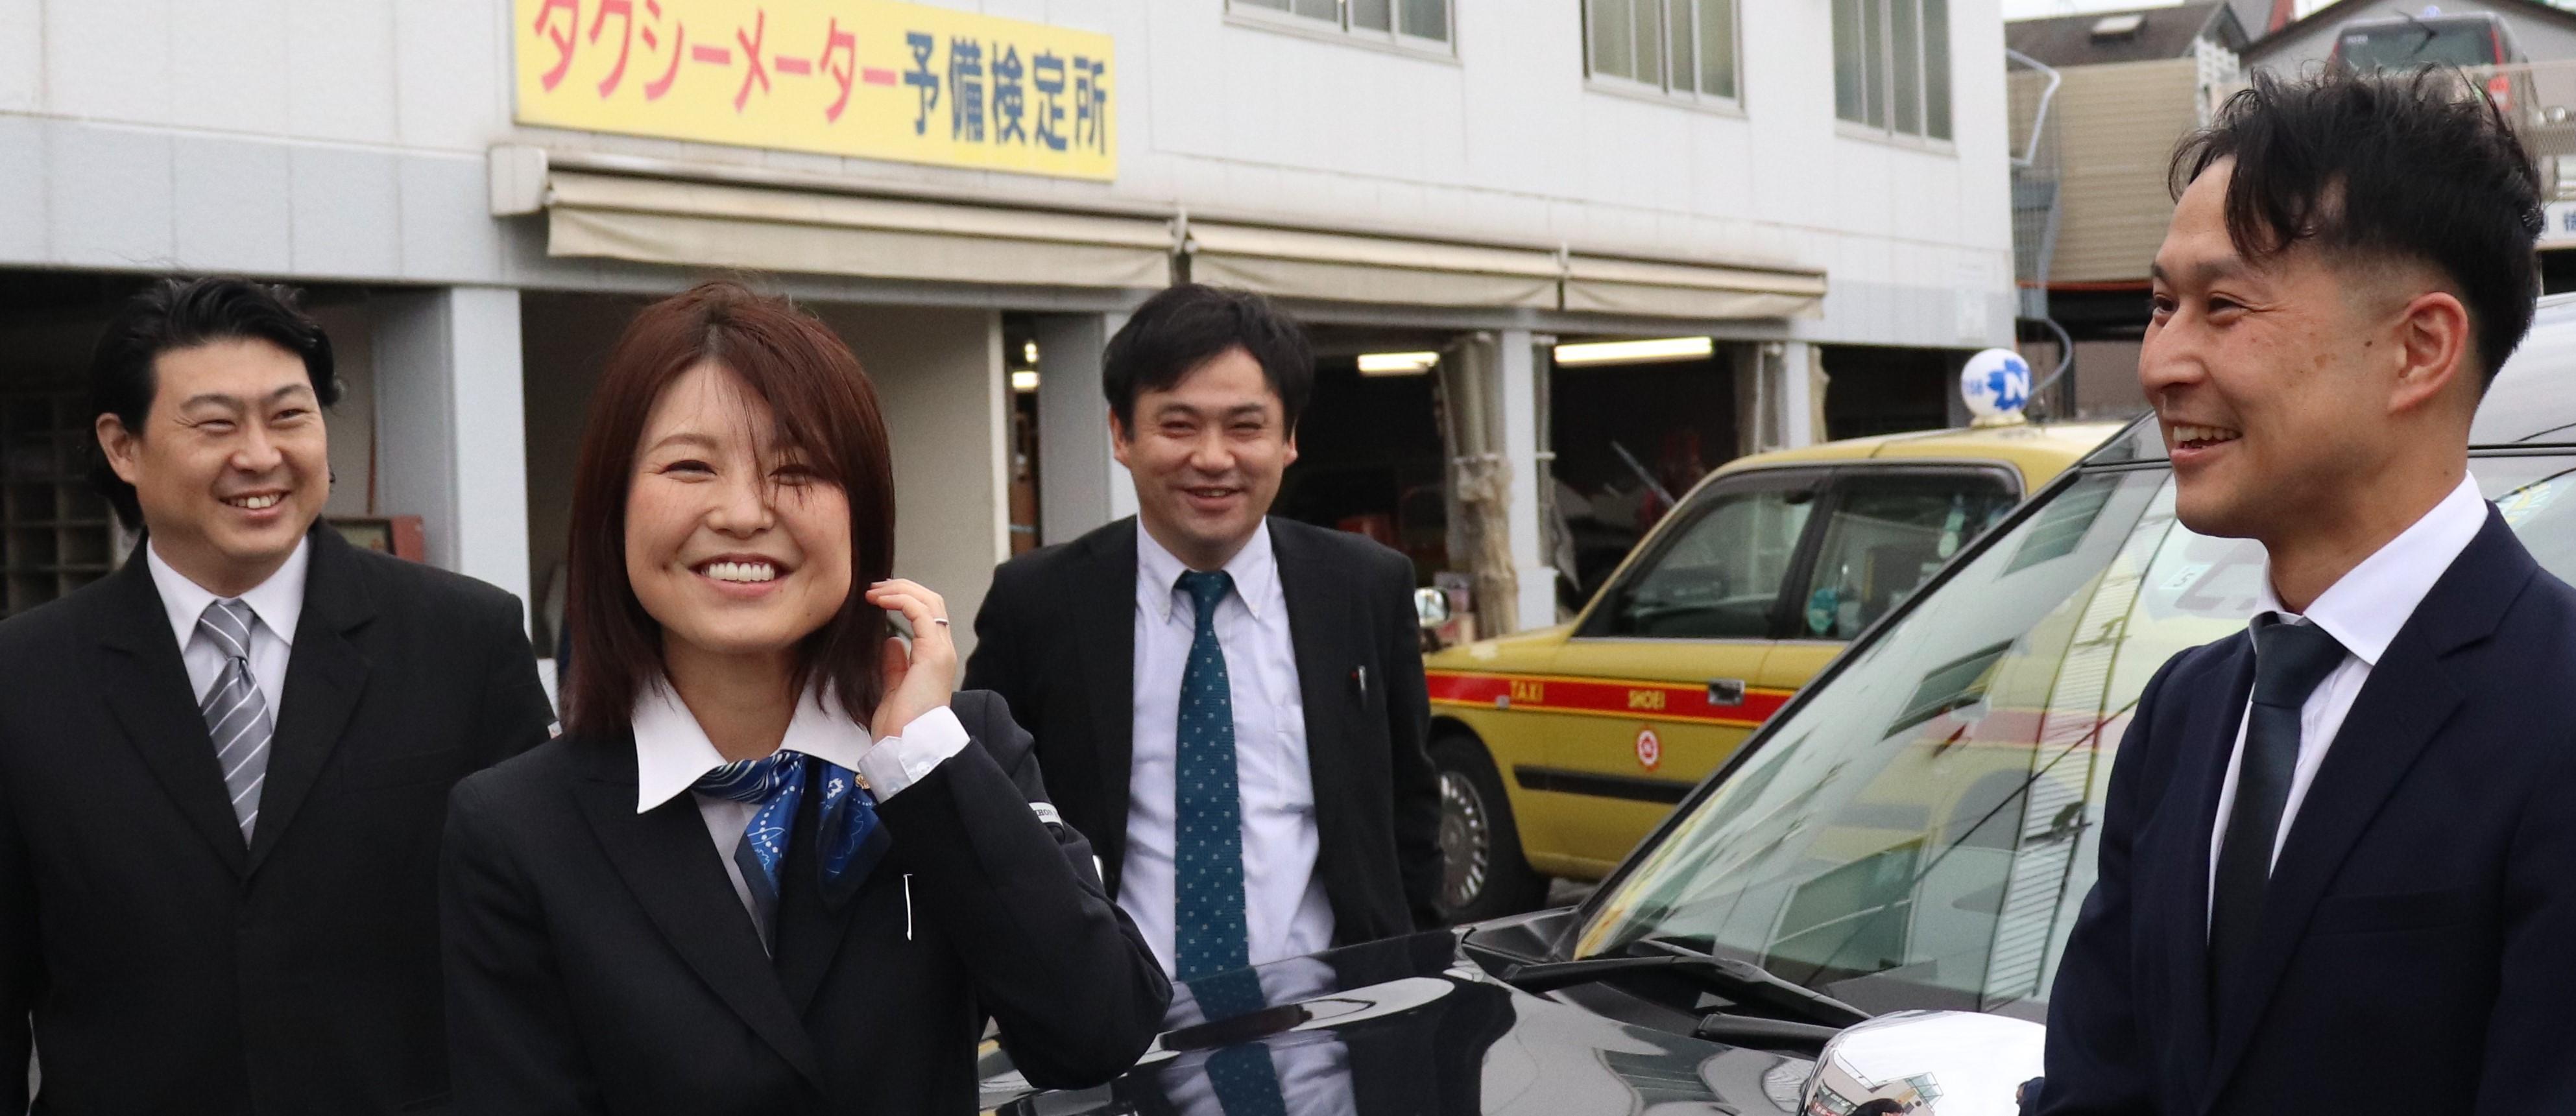 昭栄自動車株式会社/タクシー運転手/普通免許があれば未経験でもOK*ノルマなしの働きやすい環境